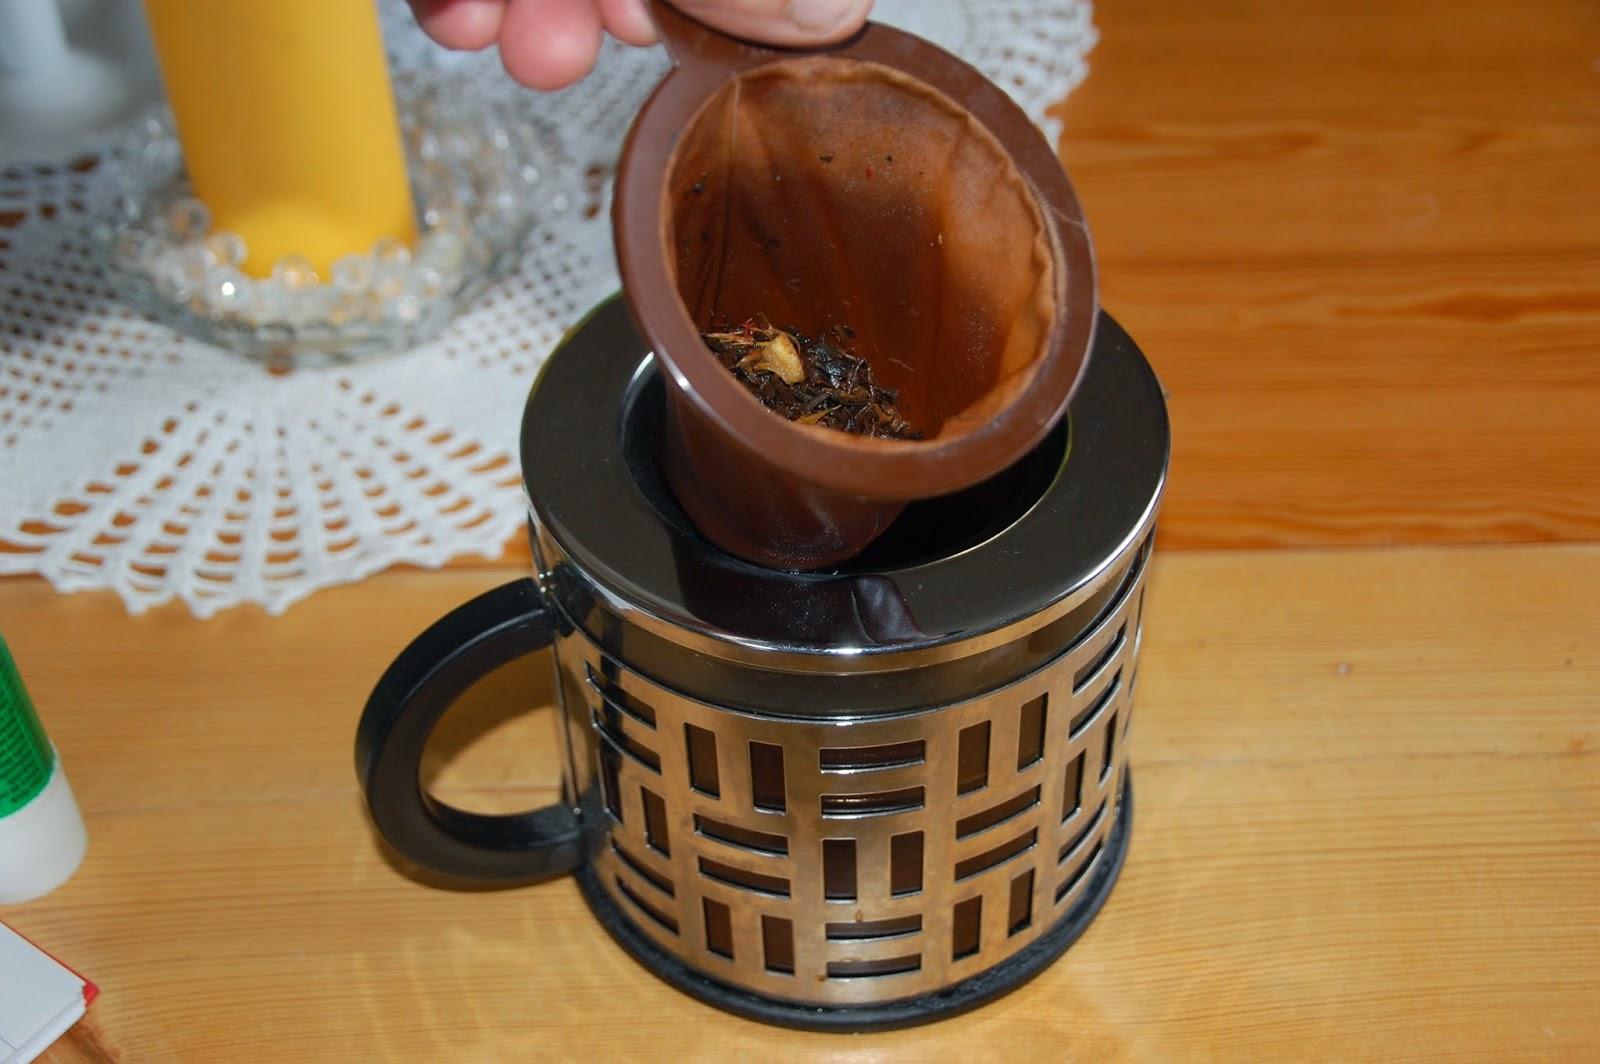 kaffesump som gödning